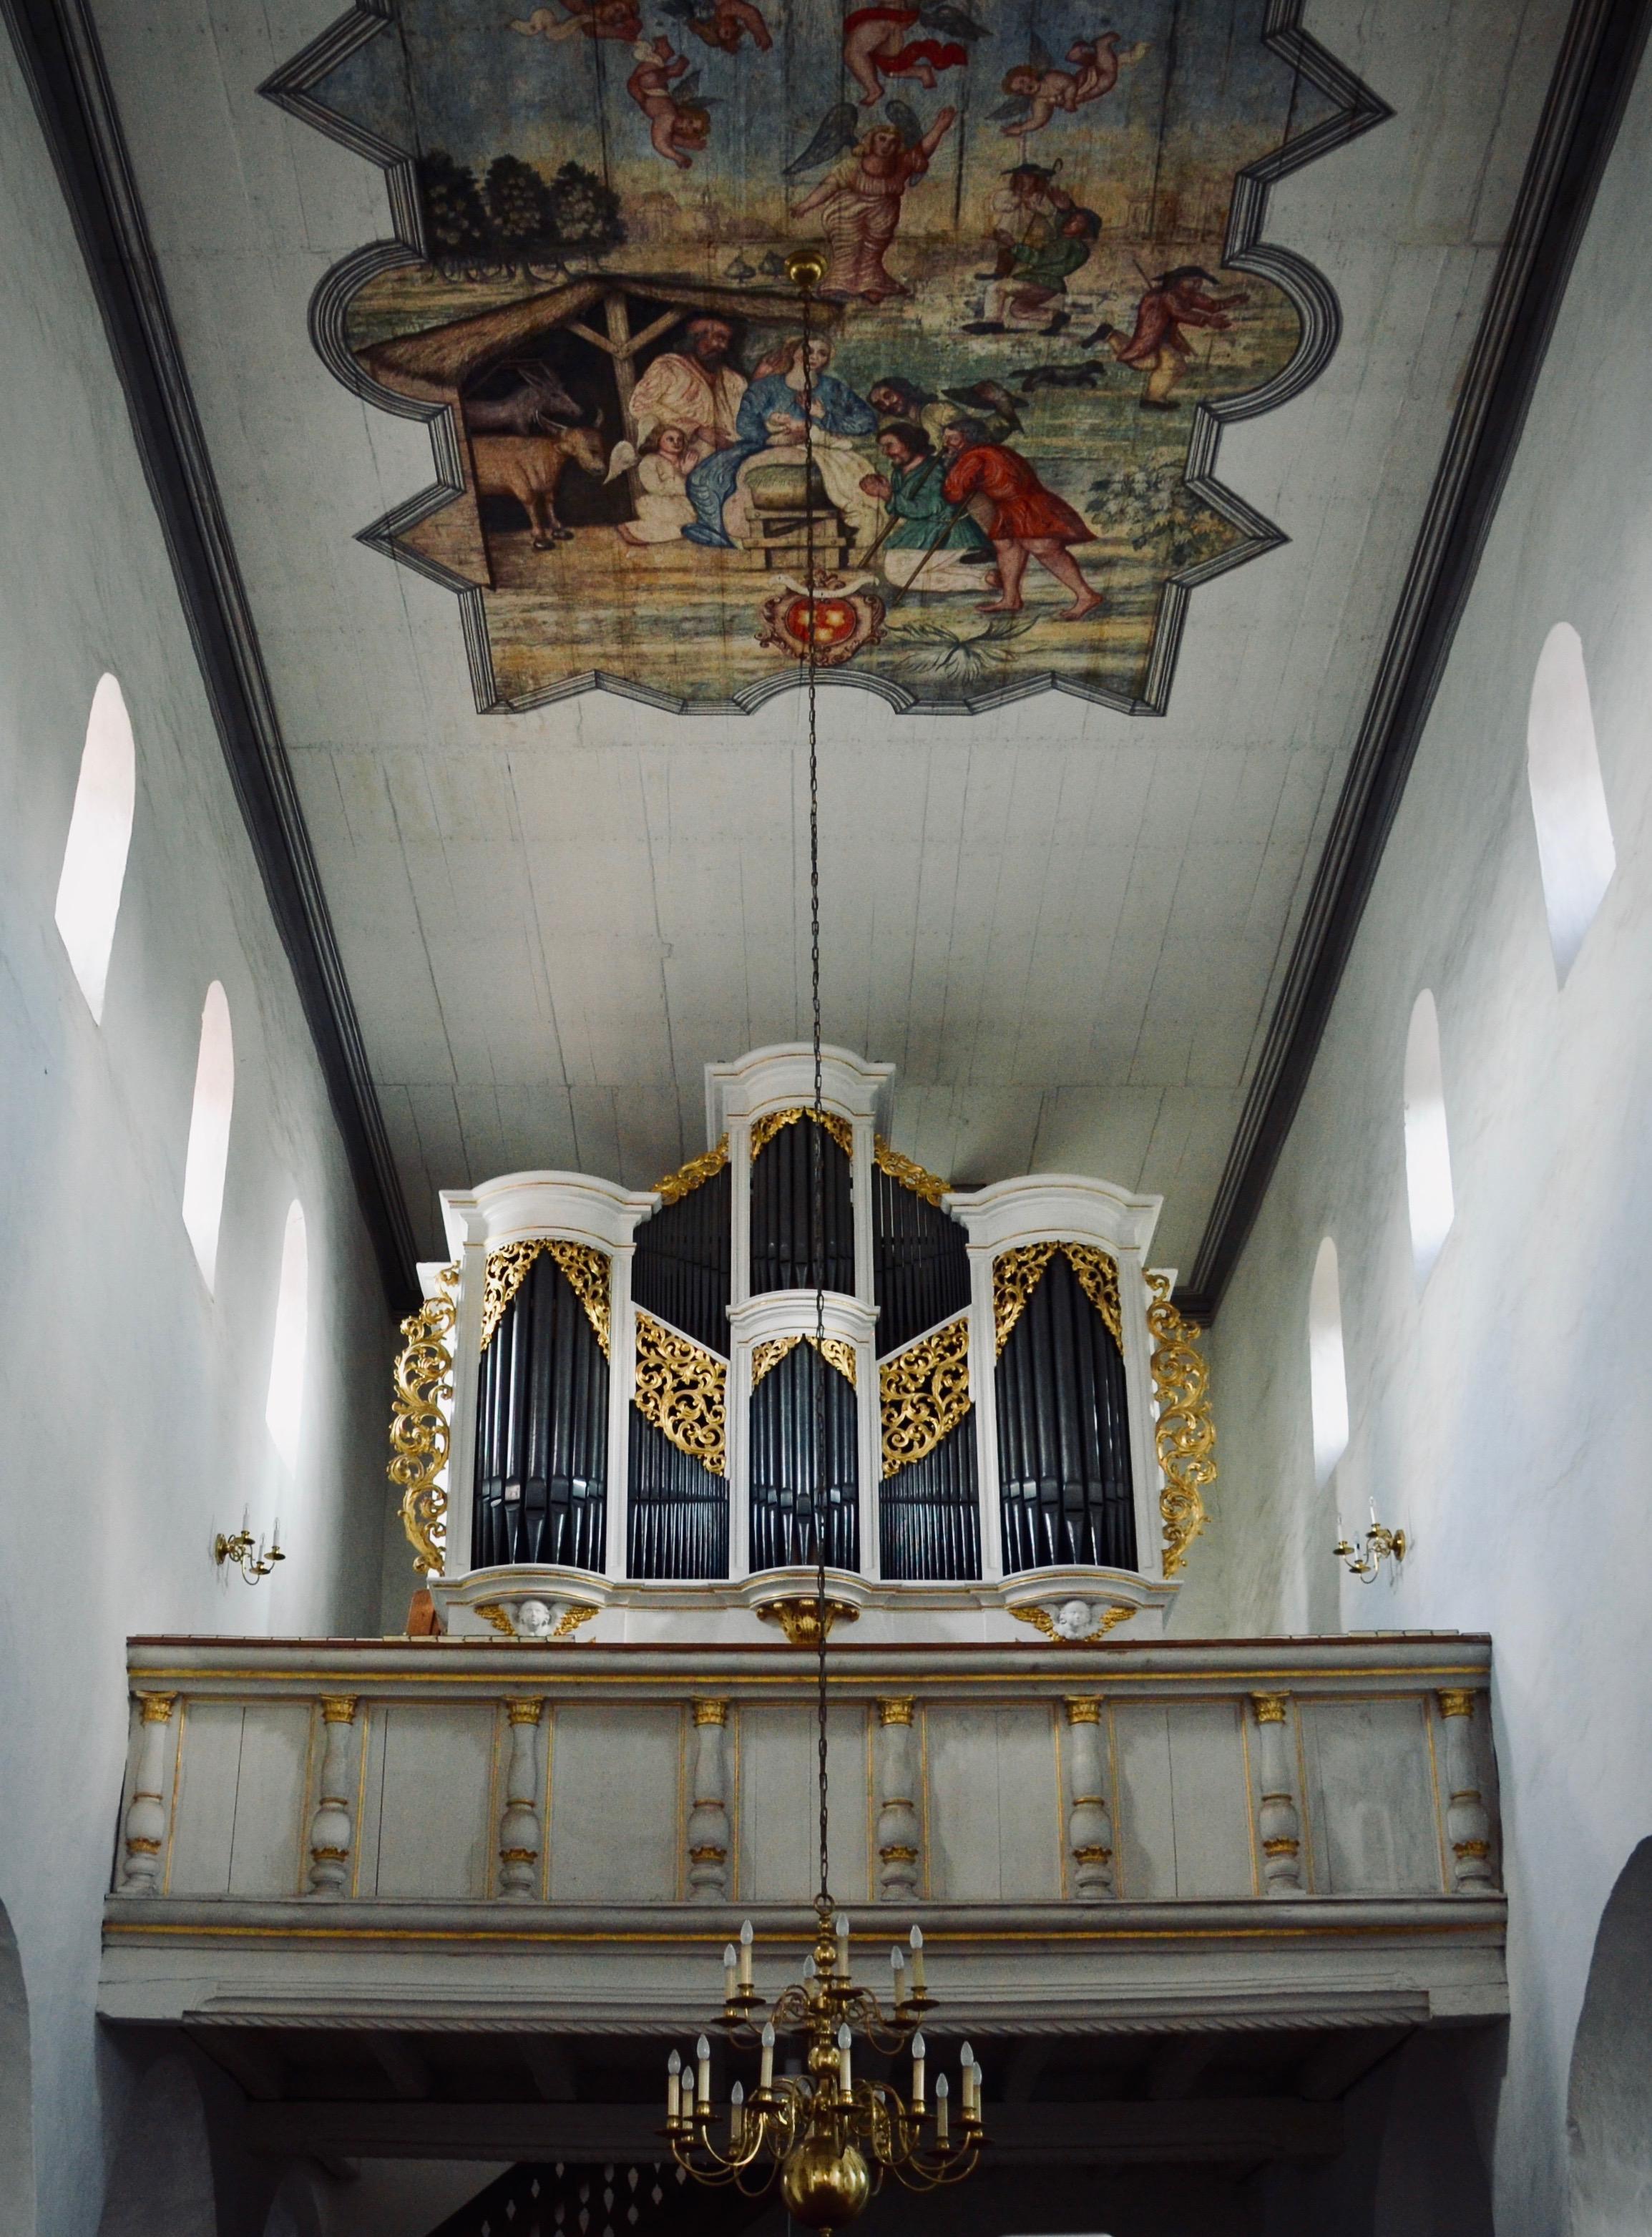 1722 Gottfried Silbermann Organ, Bad Lausick